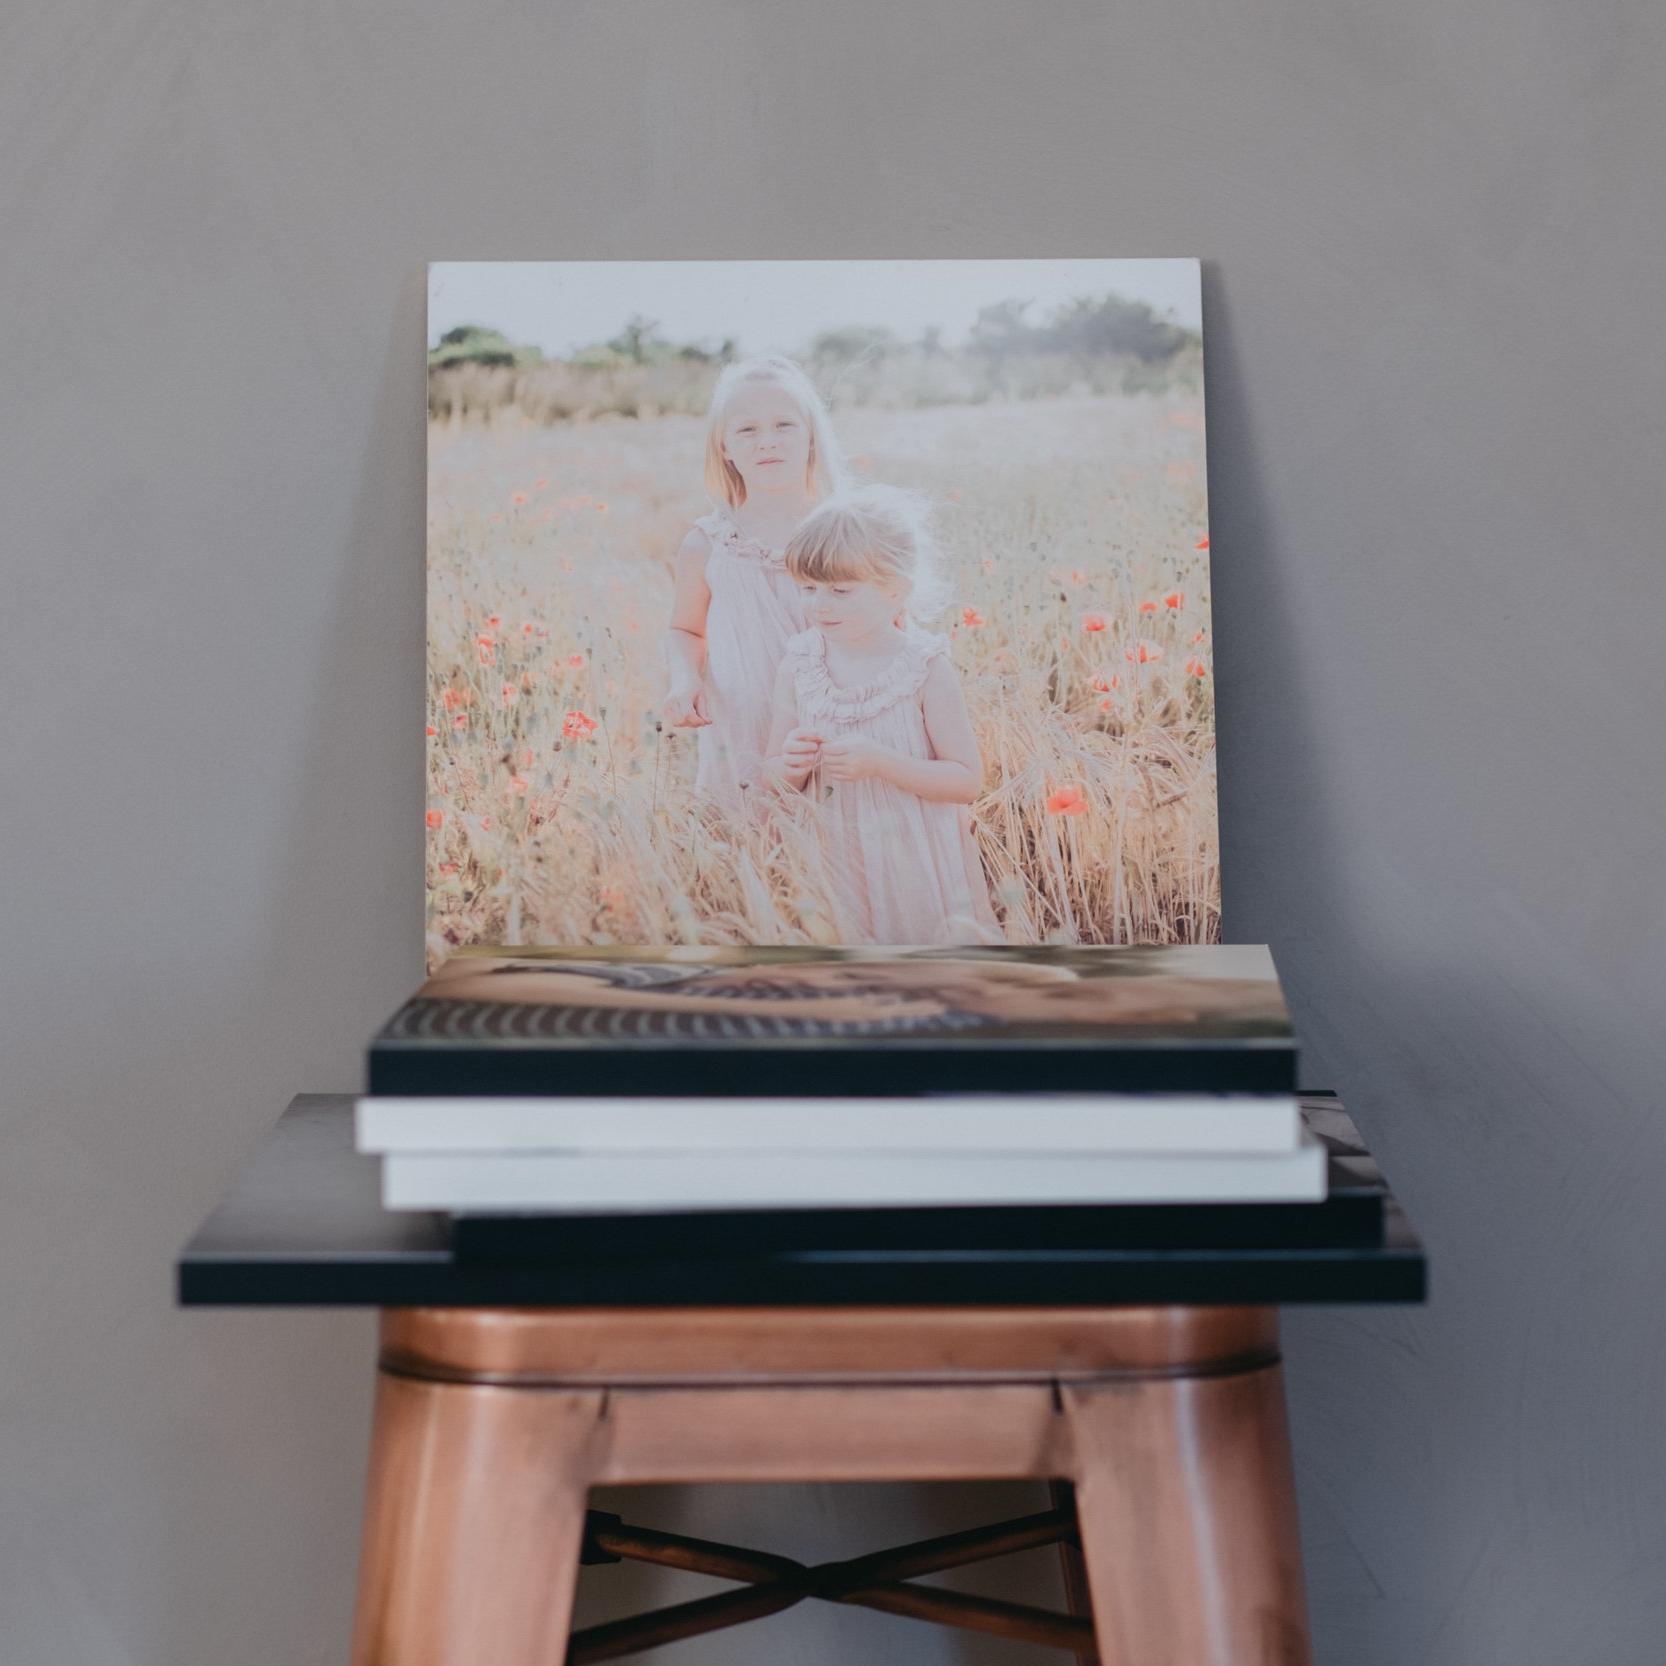 Era bilder i ramar eller på snyggt designade art plates att sätta på väggen. En och en eller varför inte sätta i ett collage? Vi lovar o visa hur det kan se ut så du slipper gissa.